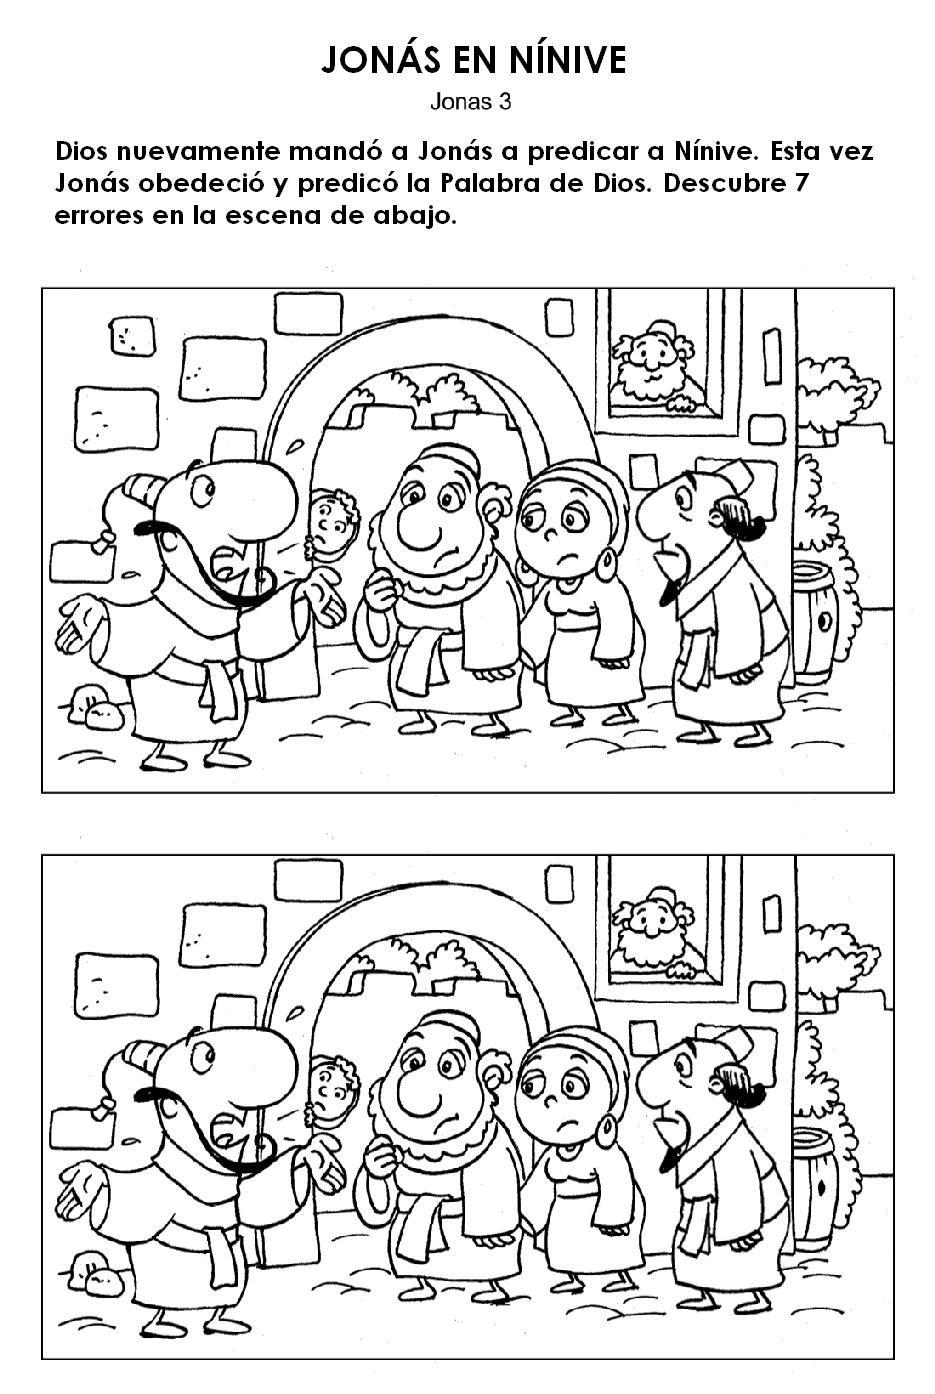 Actividades para trabajar la historia del libro de Jonás | dibujos ...